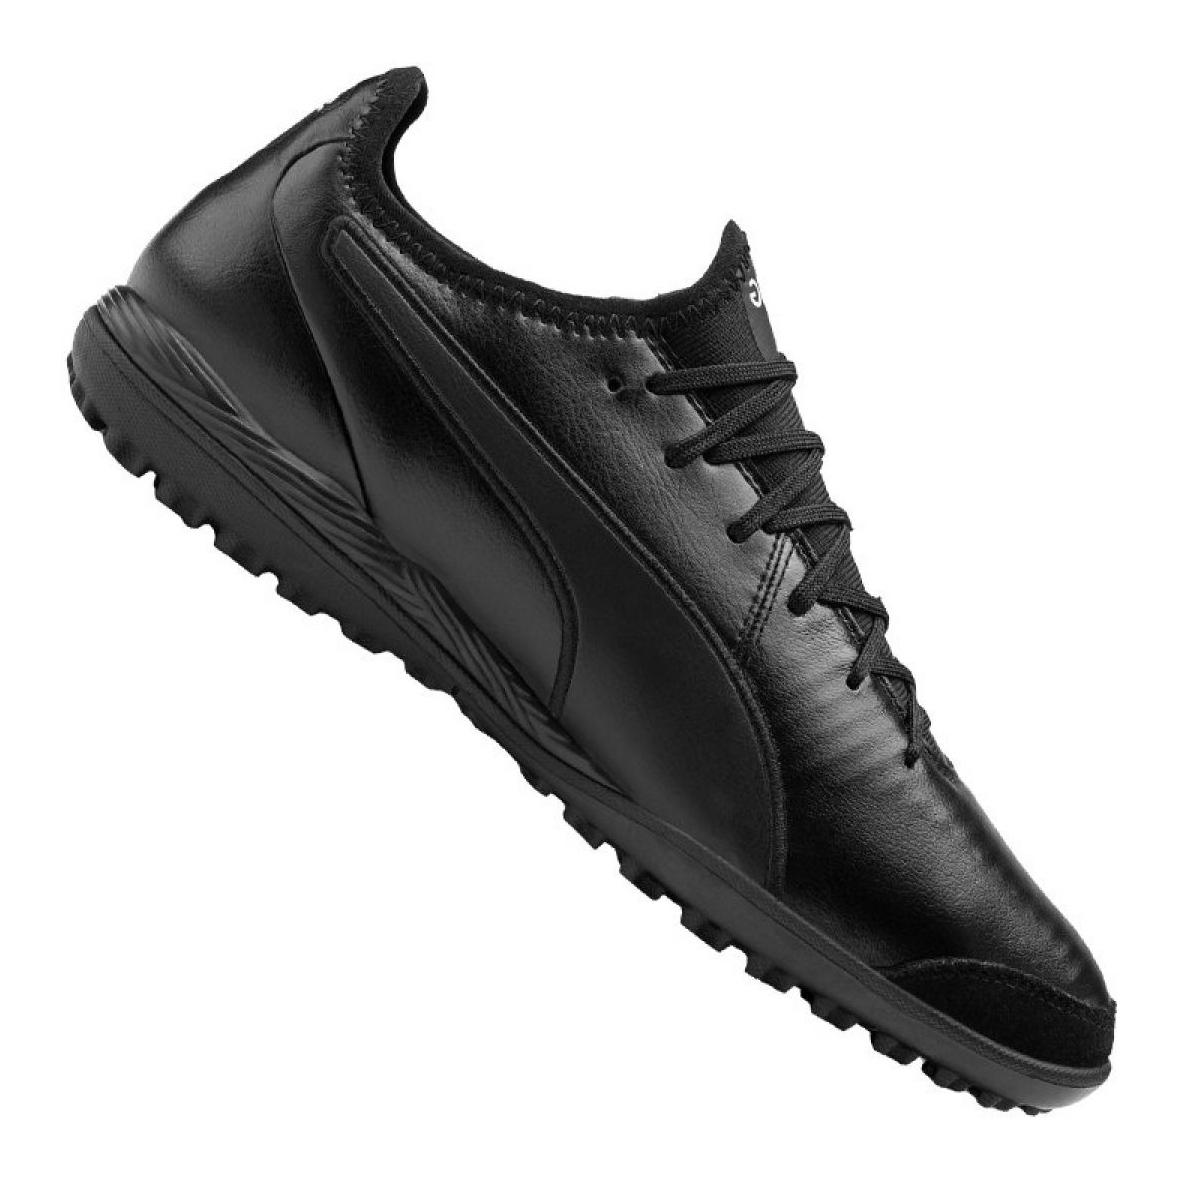 Buty piłkarskie Puma King Pro Tt M 105668 01 czarne czarny